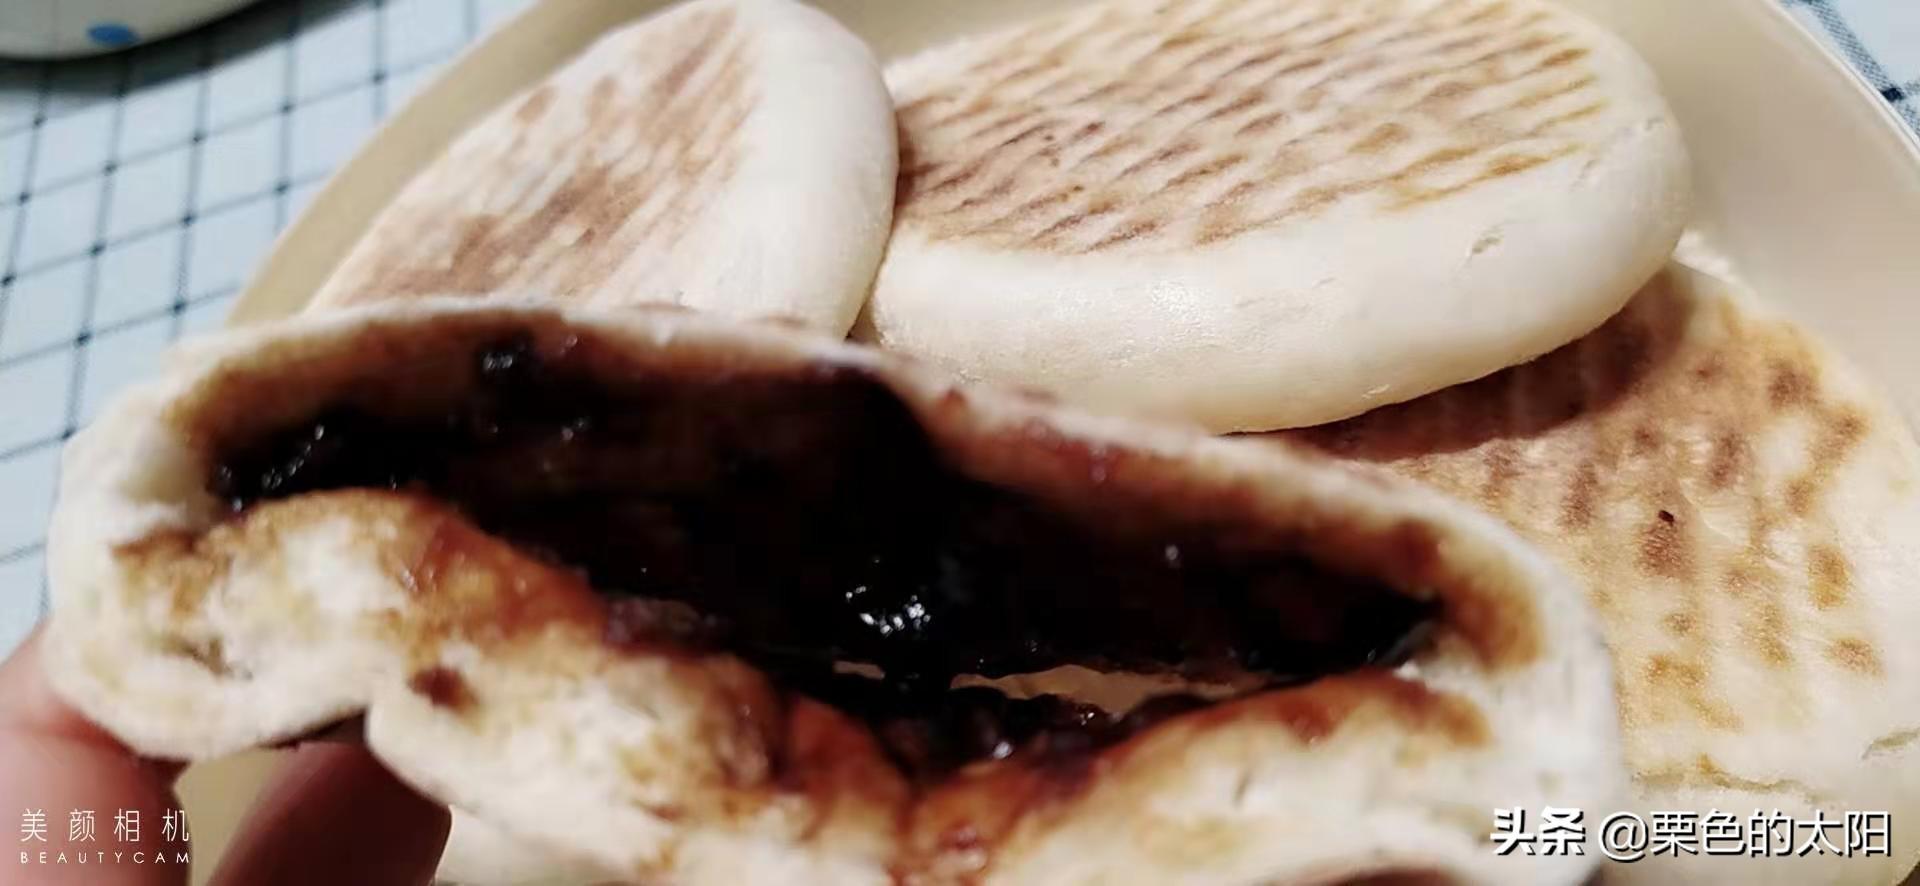 家乡的风味——祭灶的红糖火烧 美食做法 第2张